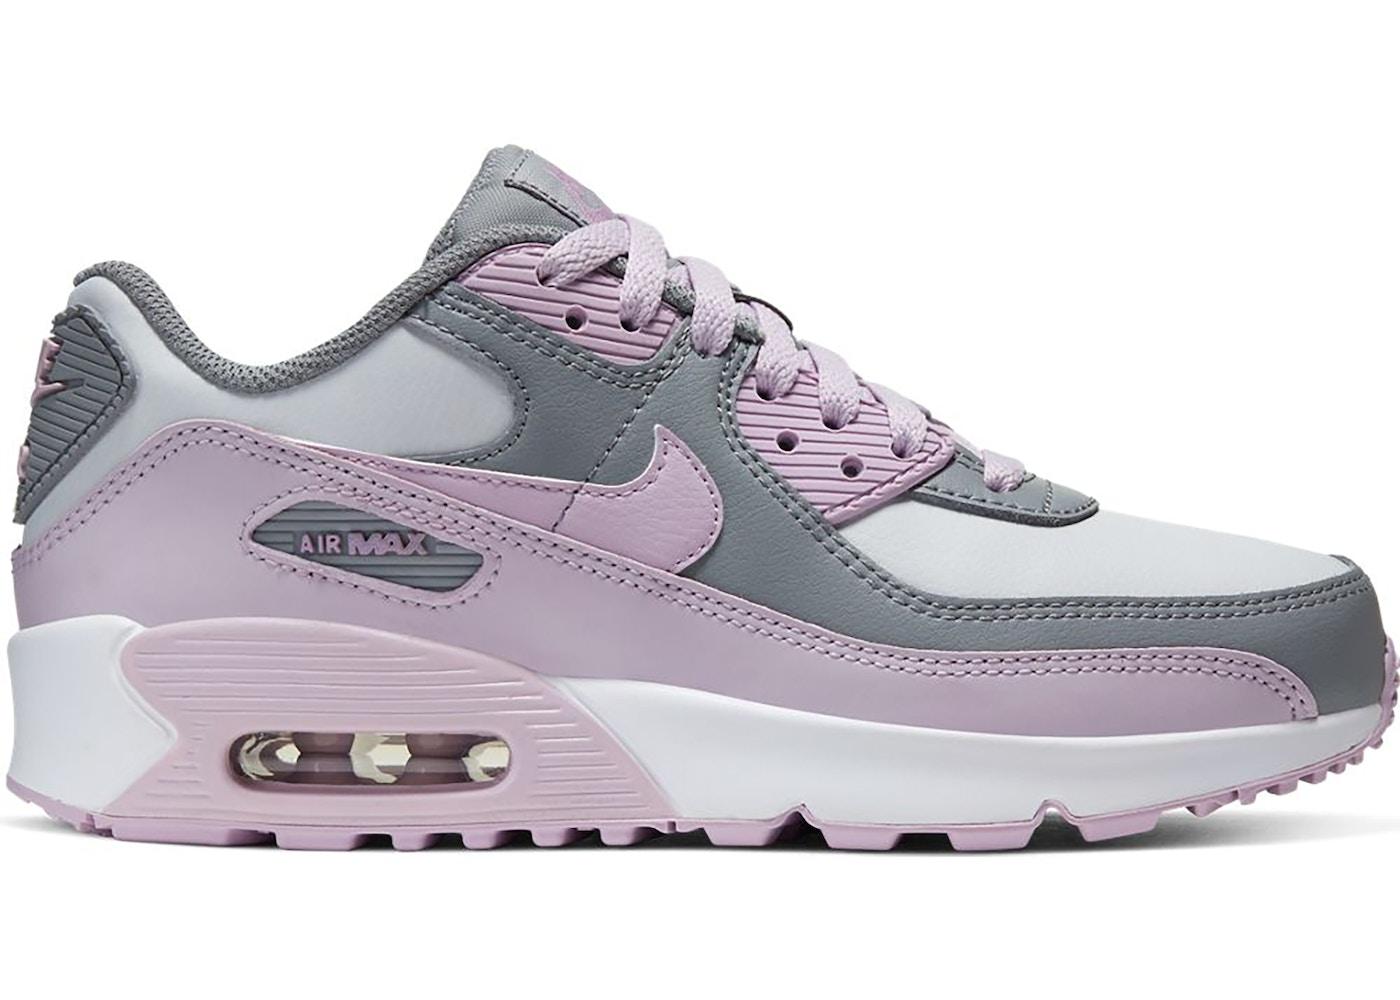 Elasticidad Vacilar Emoción  Nike Air Max 90 Leather Particle Grey Iced Lilac (GS) - CD6864-002